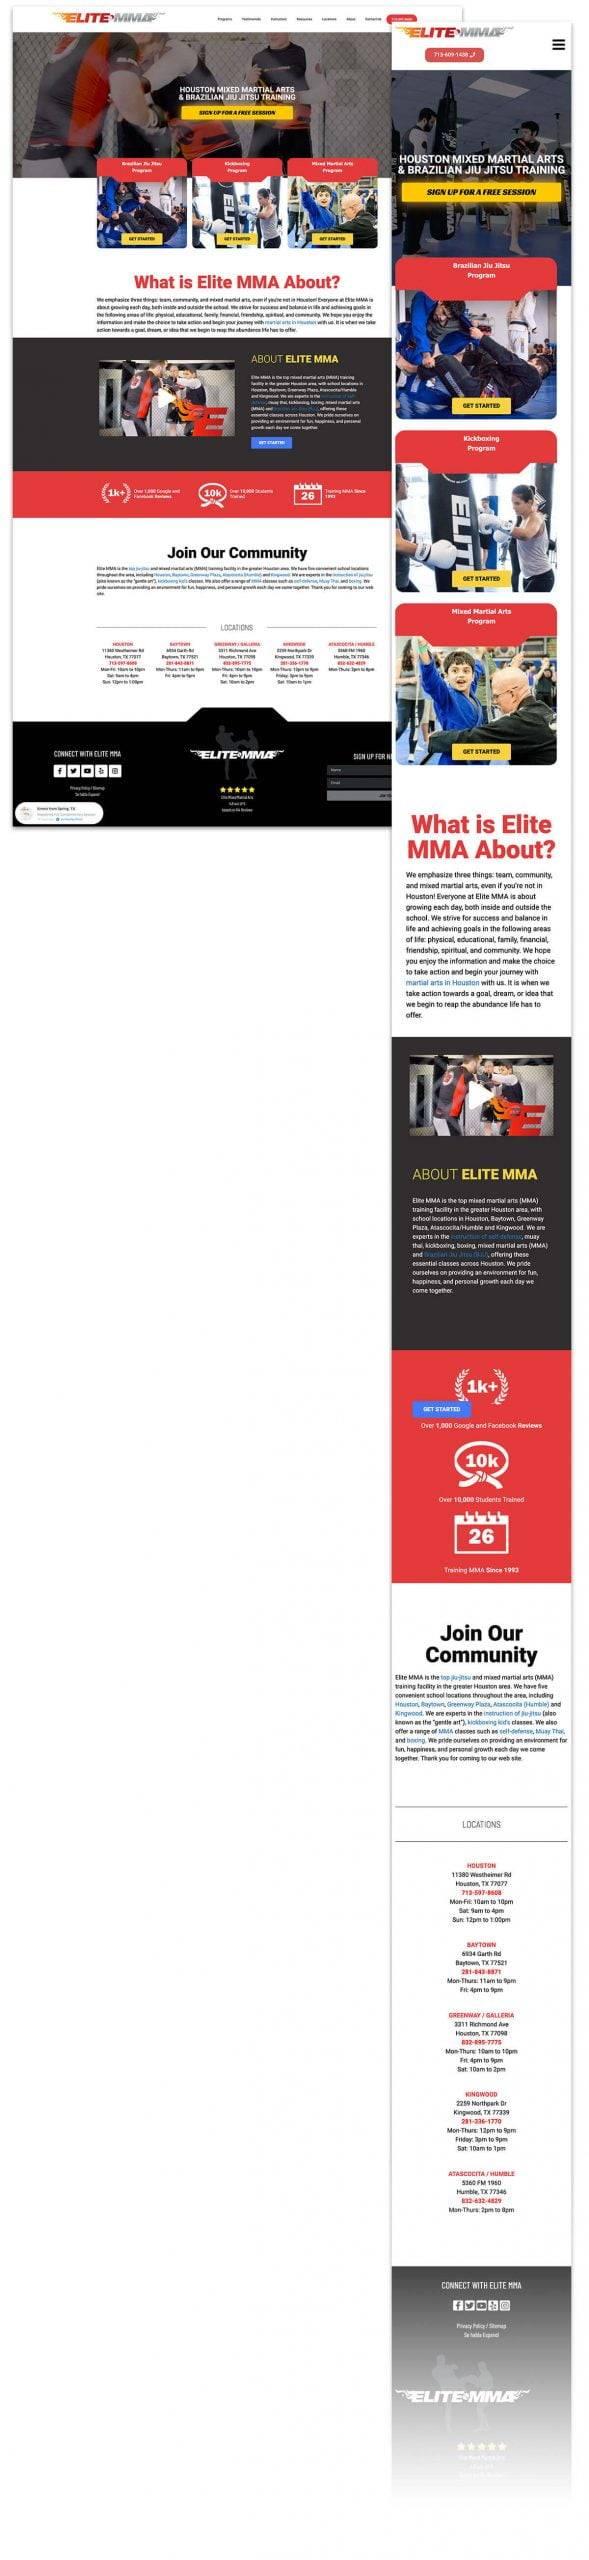 EliteMMA - Portfolio - EWR Digital